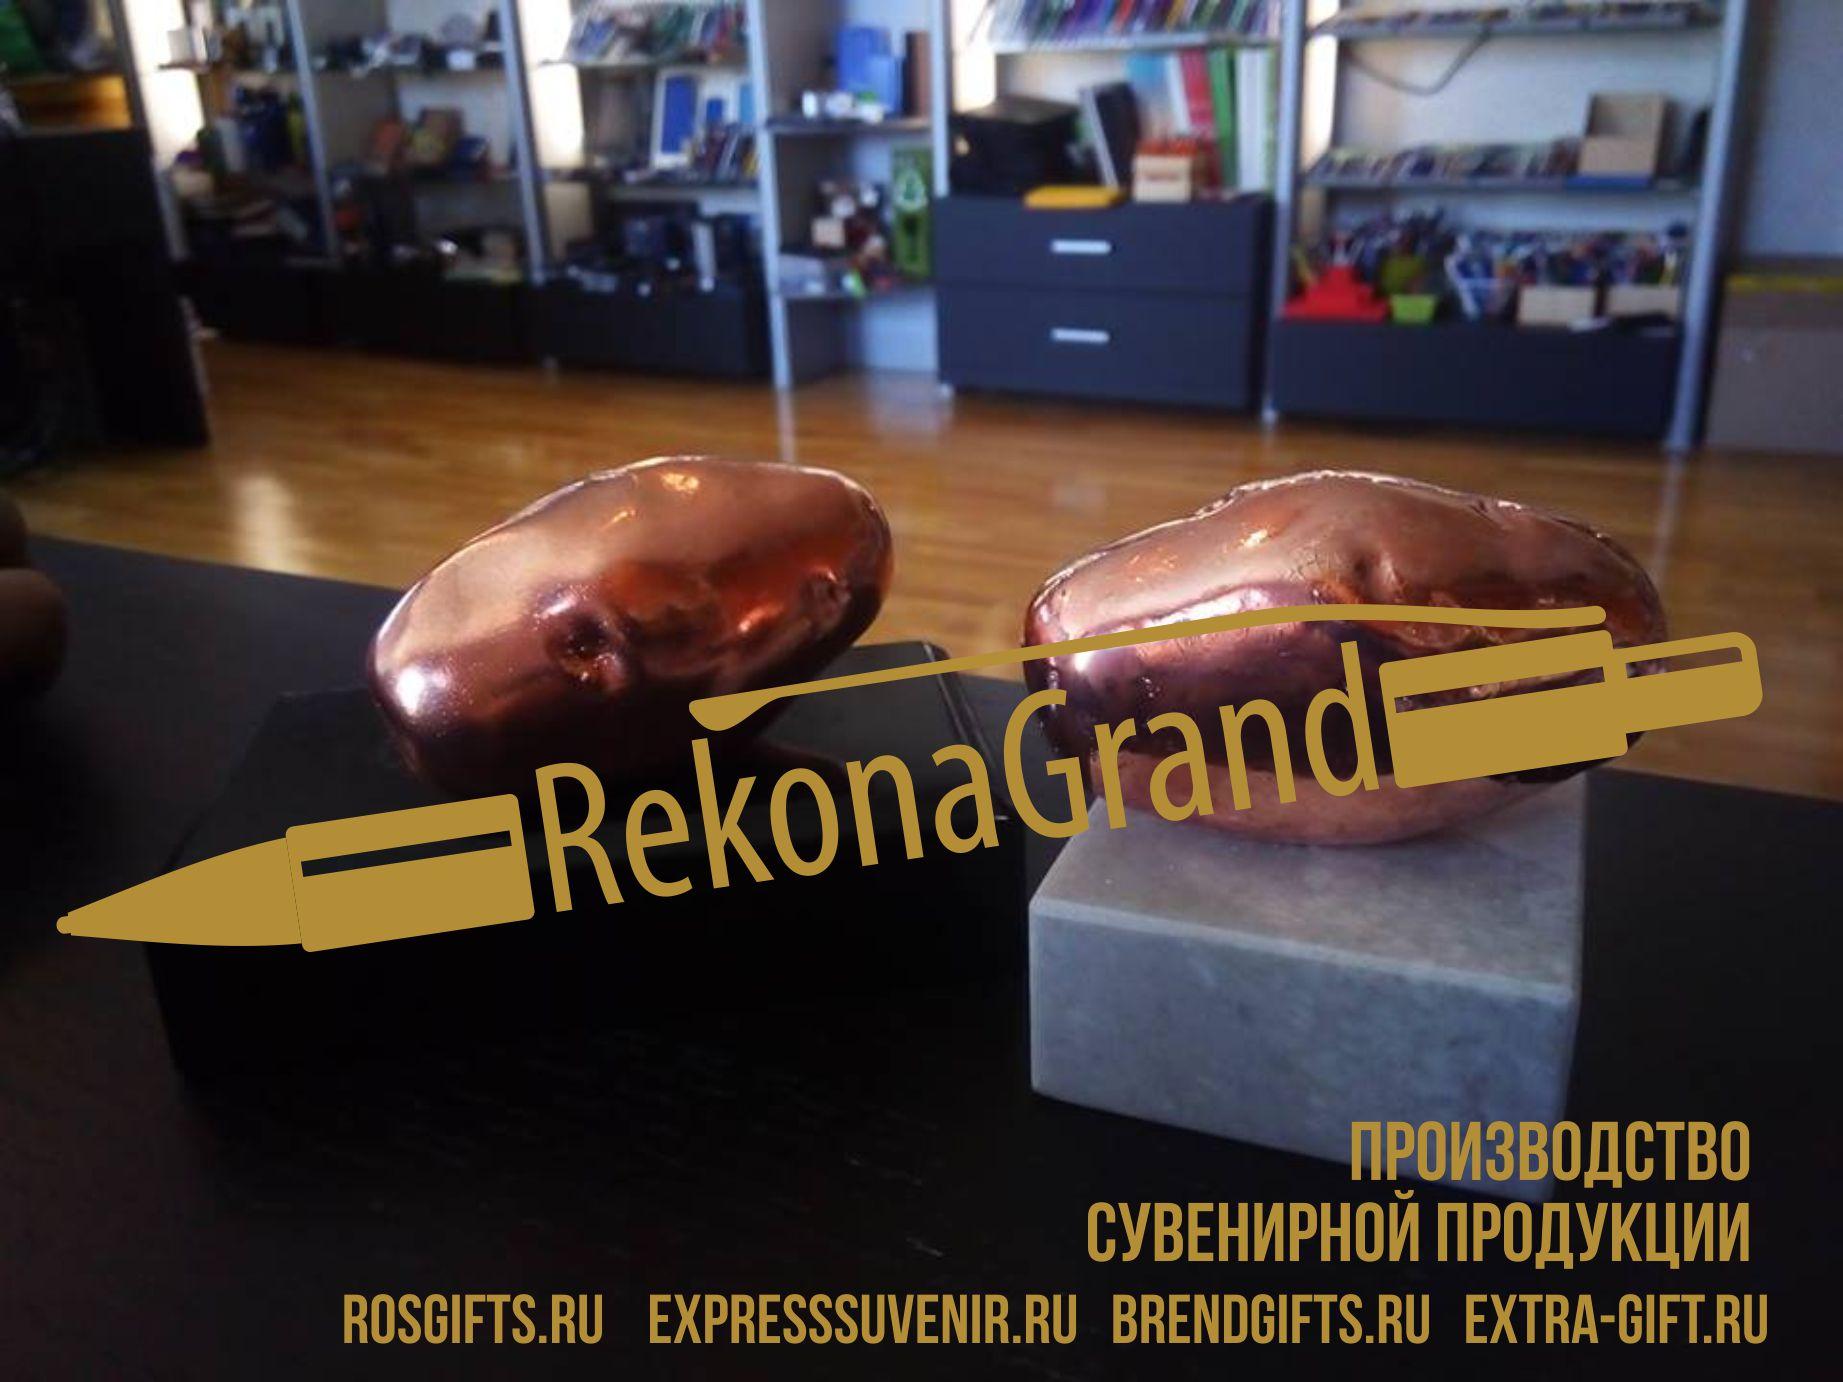 изготовление сувенирной продукции Рекона Grand